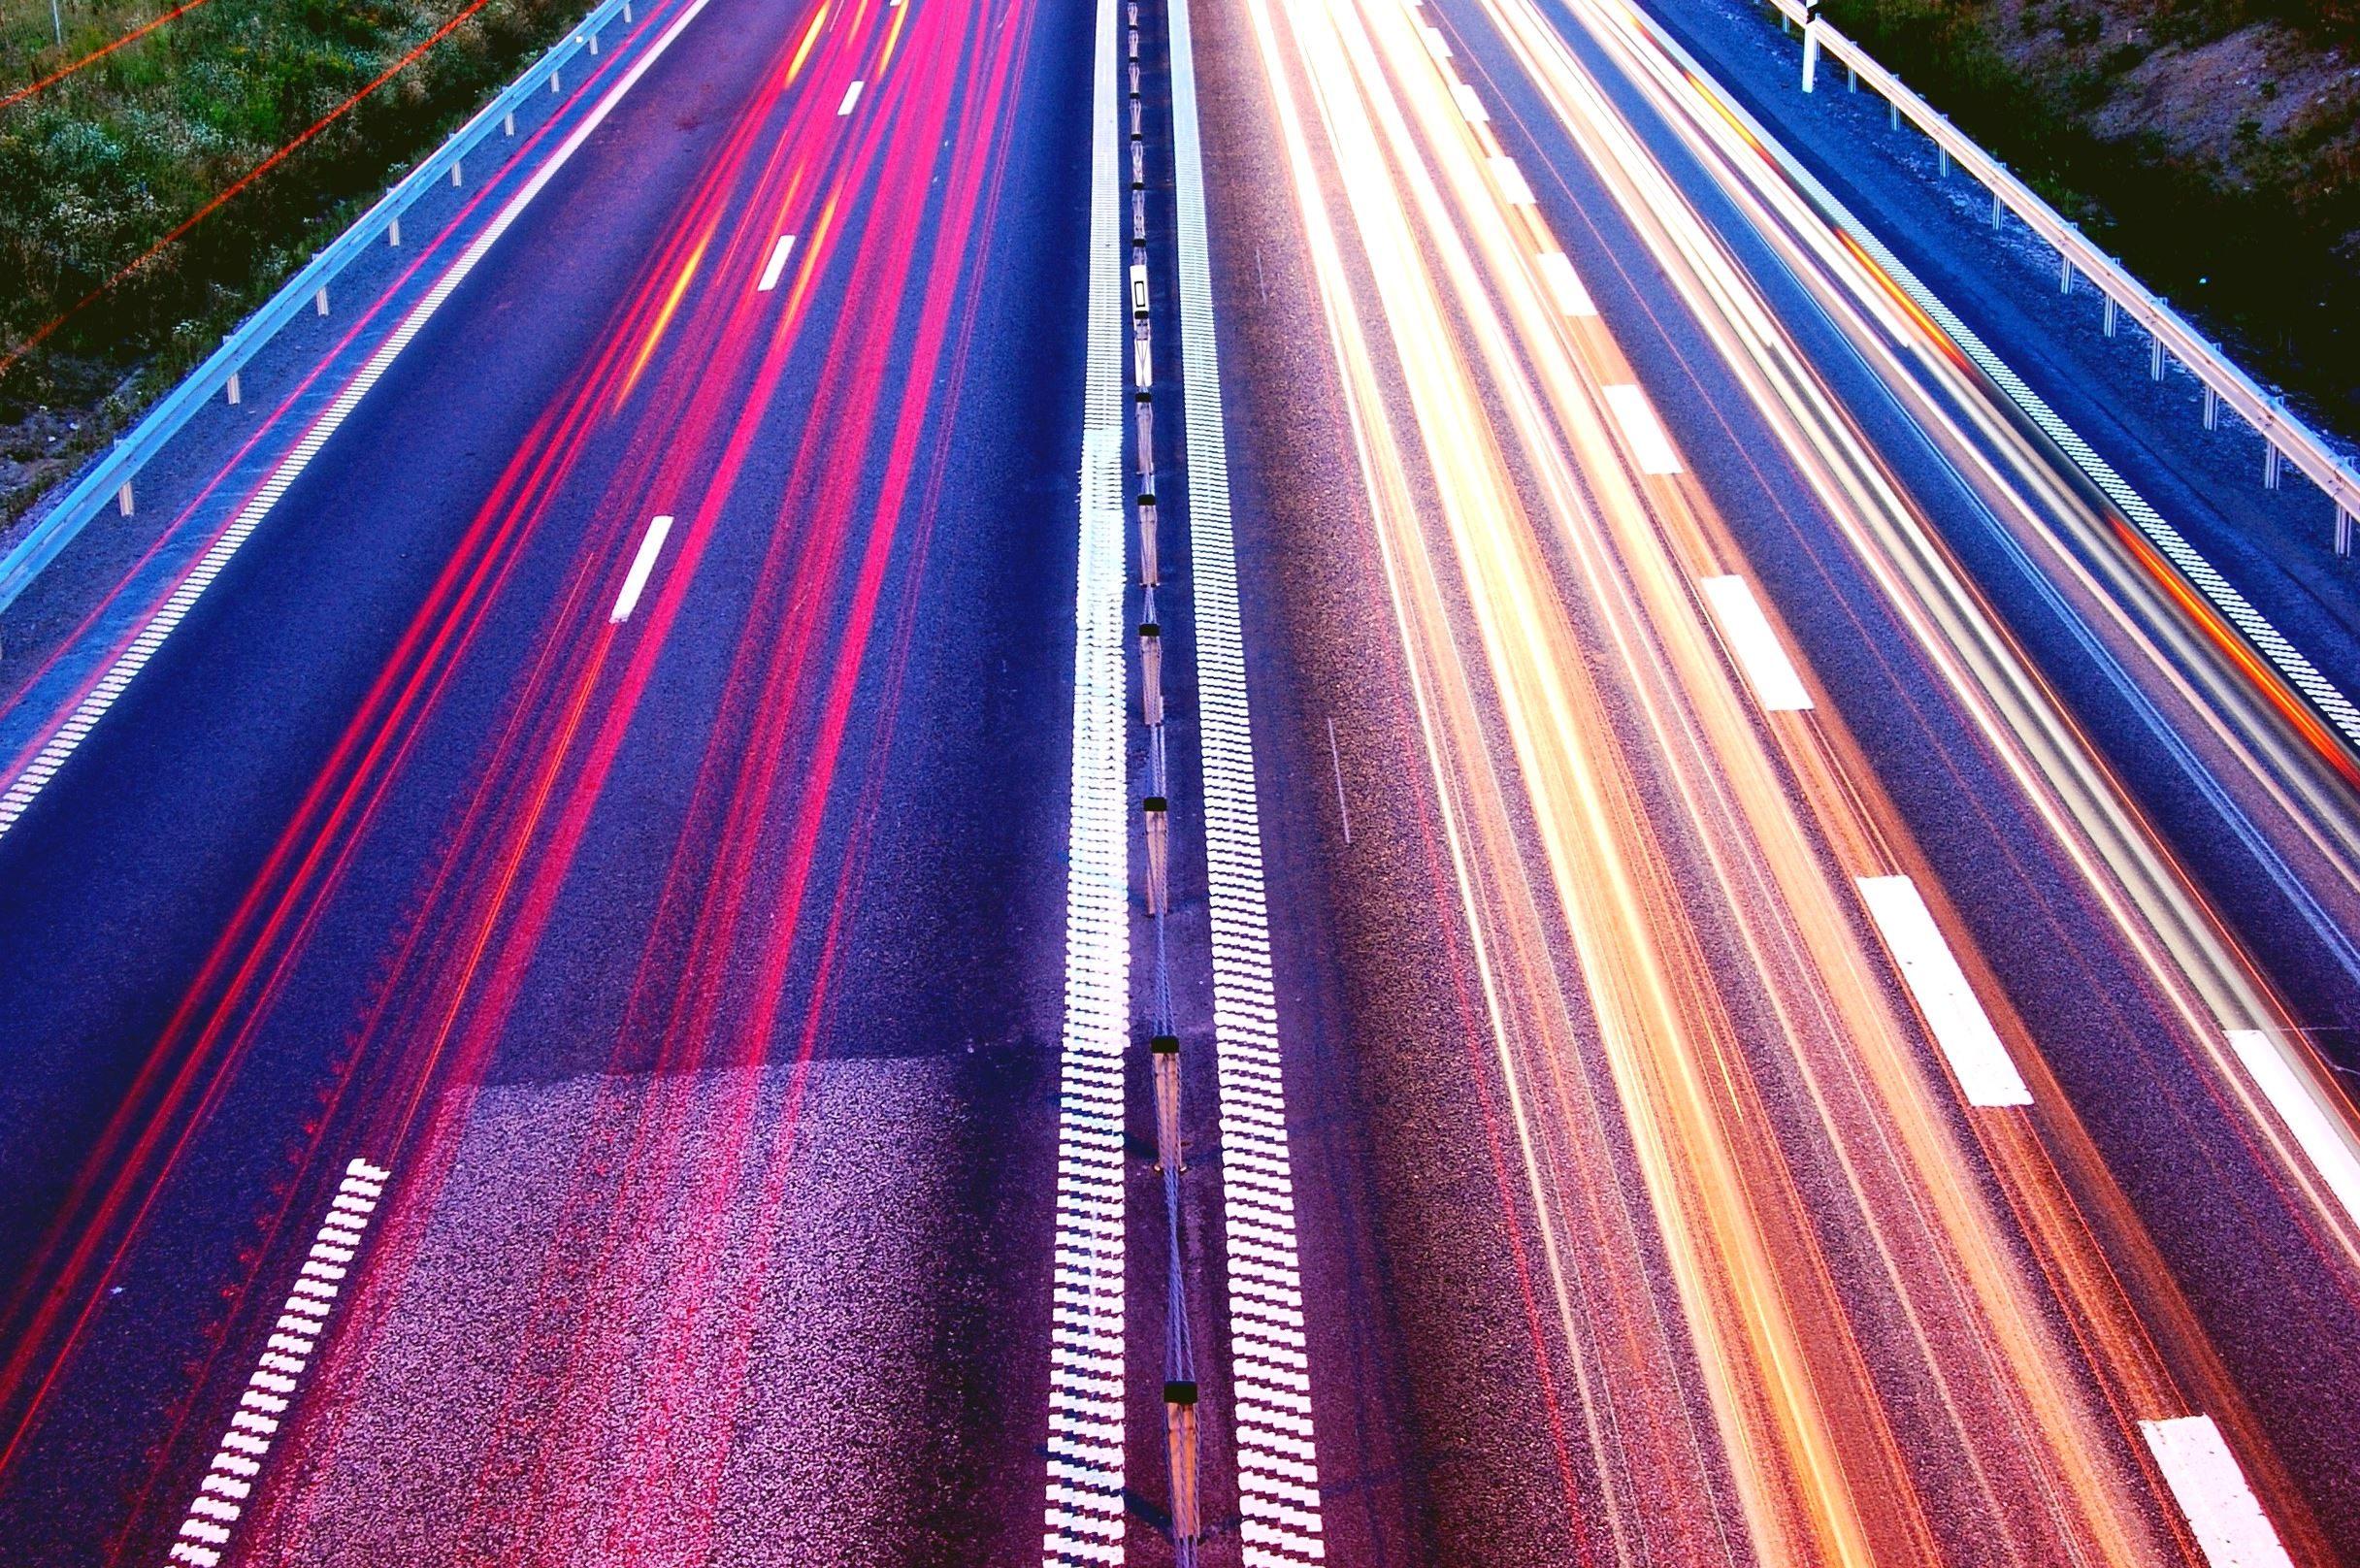 ЕС запускает систему принудительного ограничения скорости авто. Как это будет работать